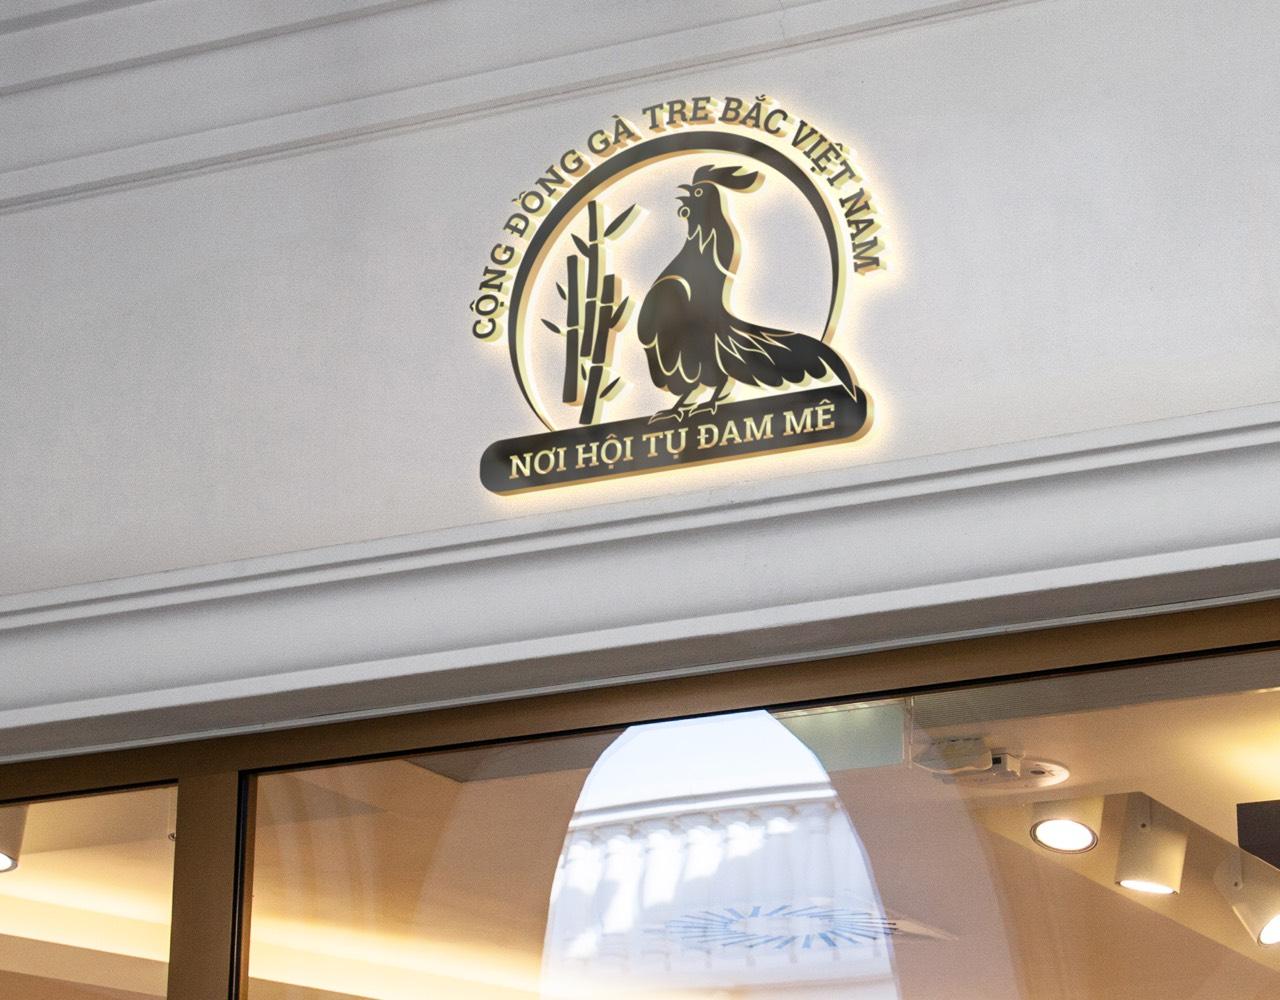 Logo cộng đồng gà tre bắc Việt Nam 4